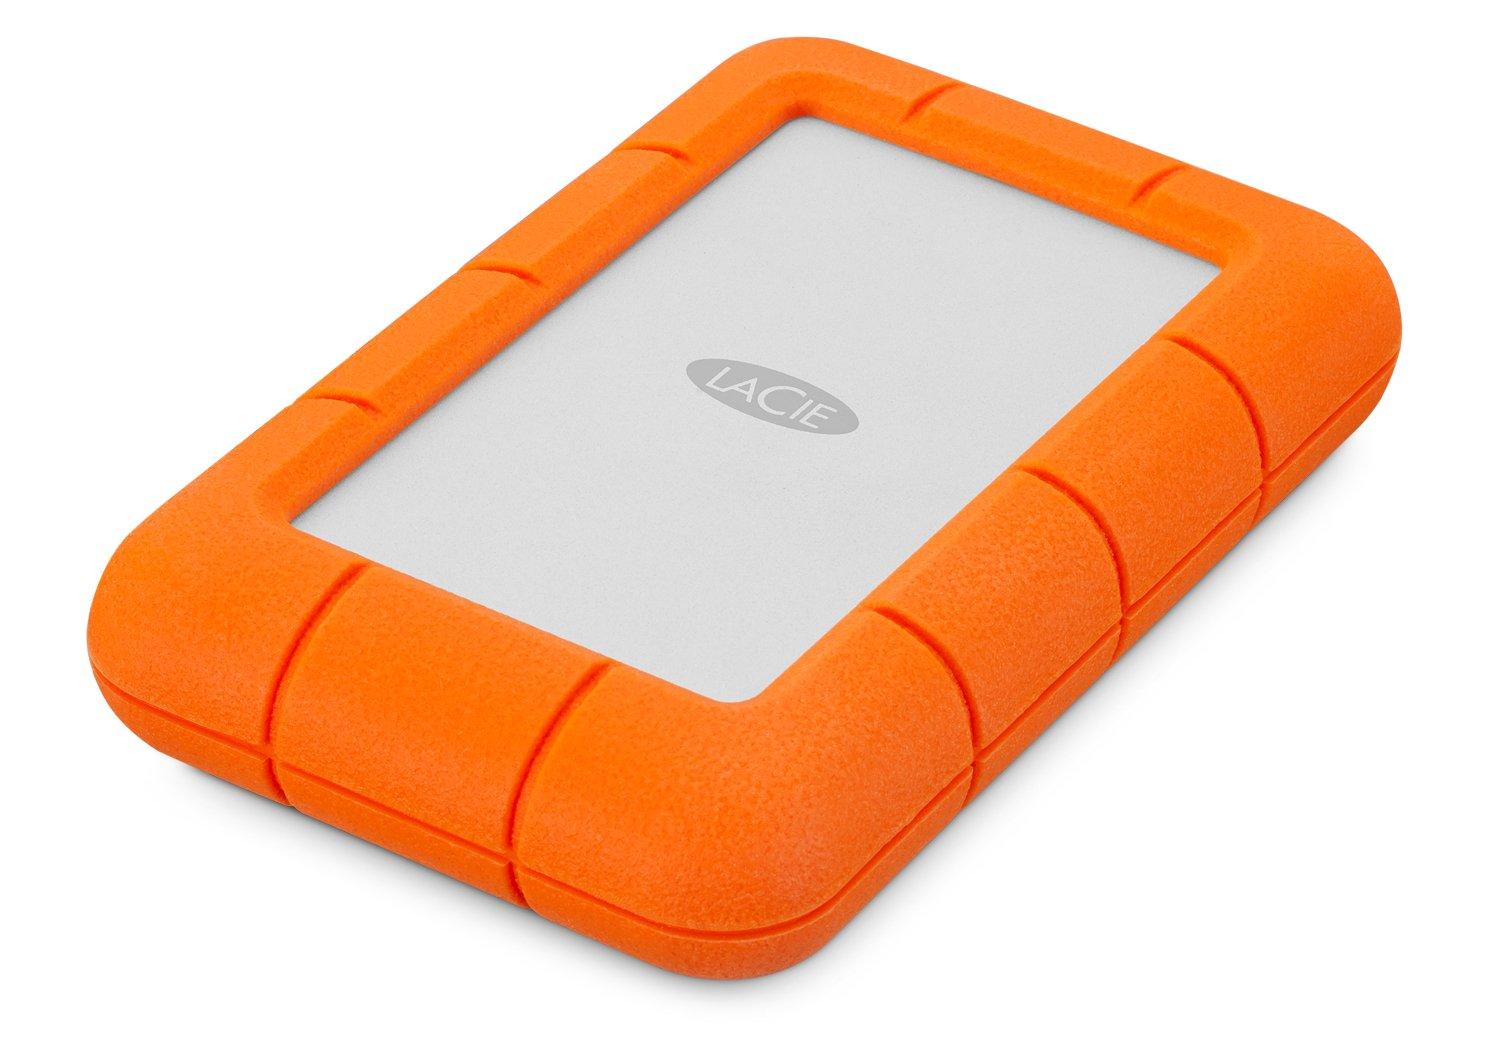 La Cie Rugged Mini USB 3.0 / USB 2.0 4TB Portable Hard Drive LAC9000633